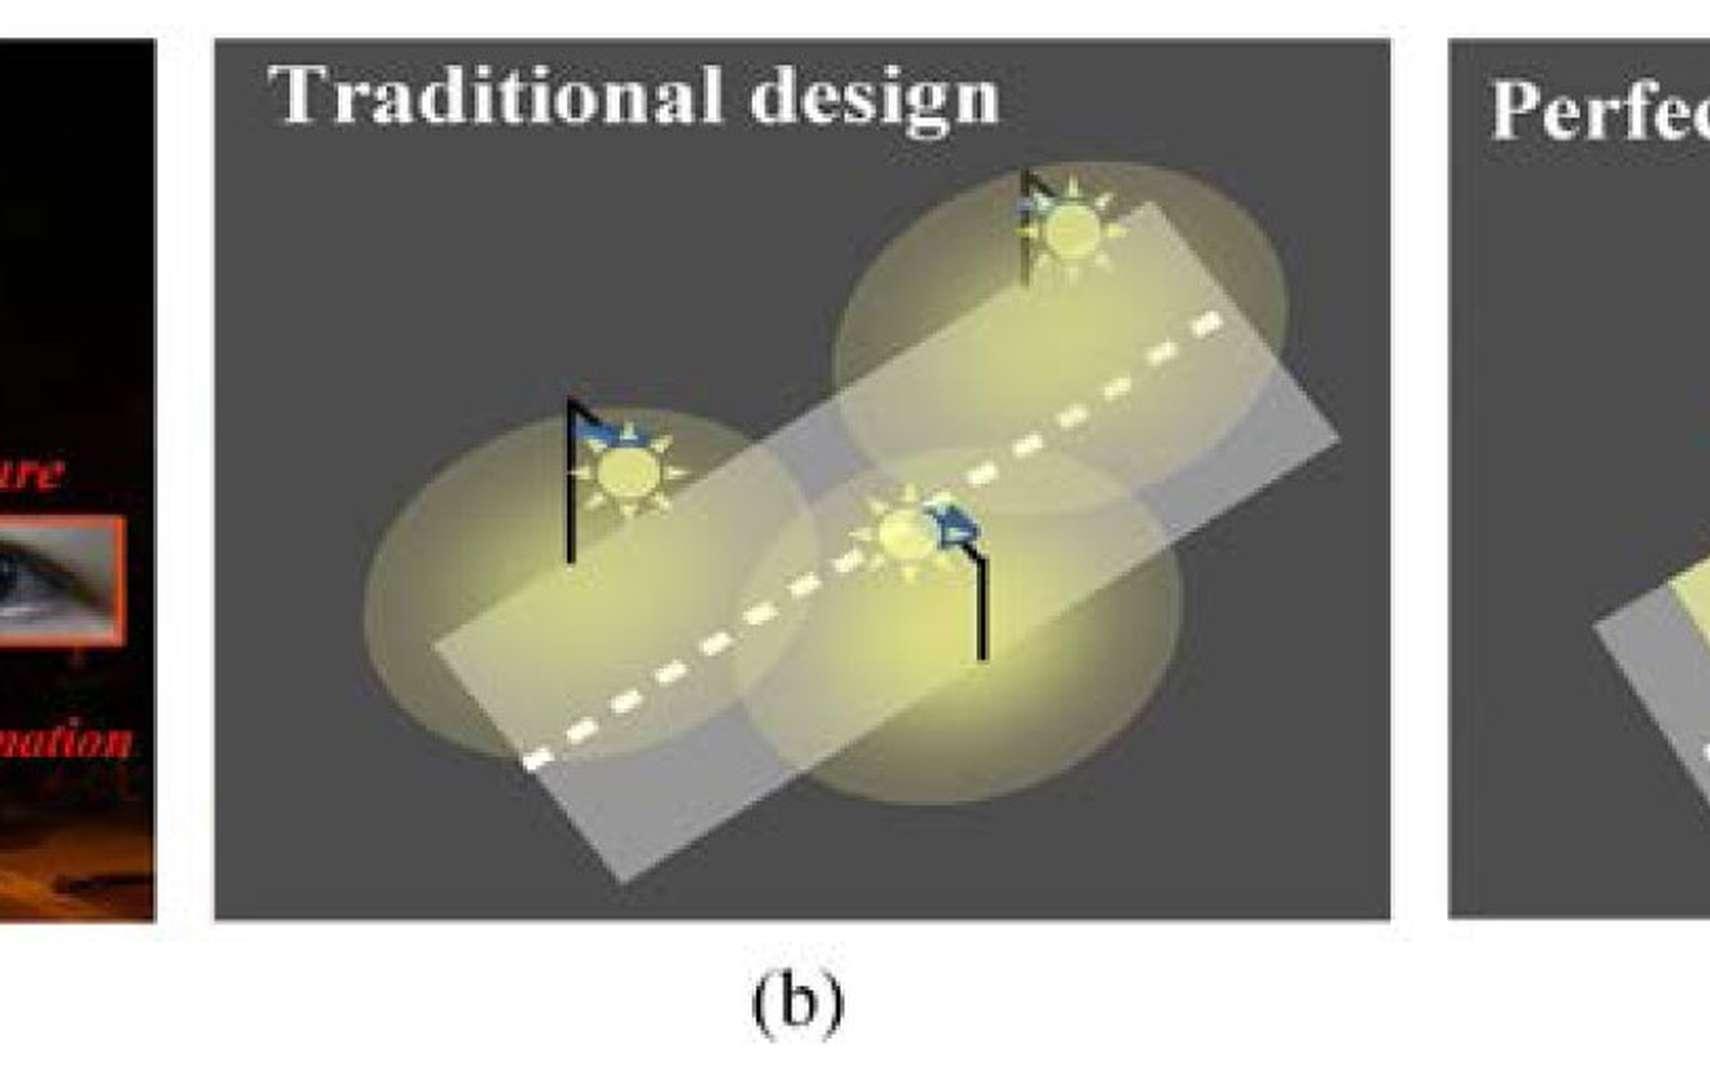 En France, l'éclairage public représente 9 millions de points lumineux absorbant une puissance de 1.300 MW, selon les chiffres de l'Ademe. La figure (a) décrit les conséquences de l'éclairage public actuel (b). Le résultat du modèle mis au point par les chercheurs est présenté dans la figure (c) : la surface éclairée est limitée et ciblée, n'occasionnant aucune pollution lumineuse. © Optics Express